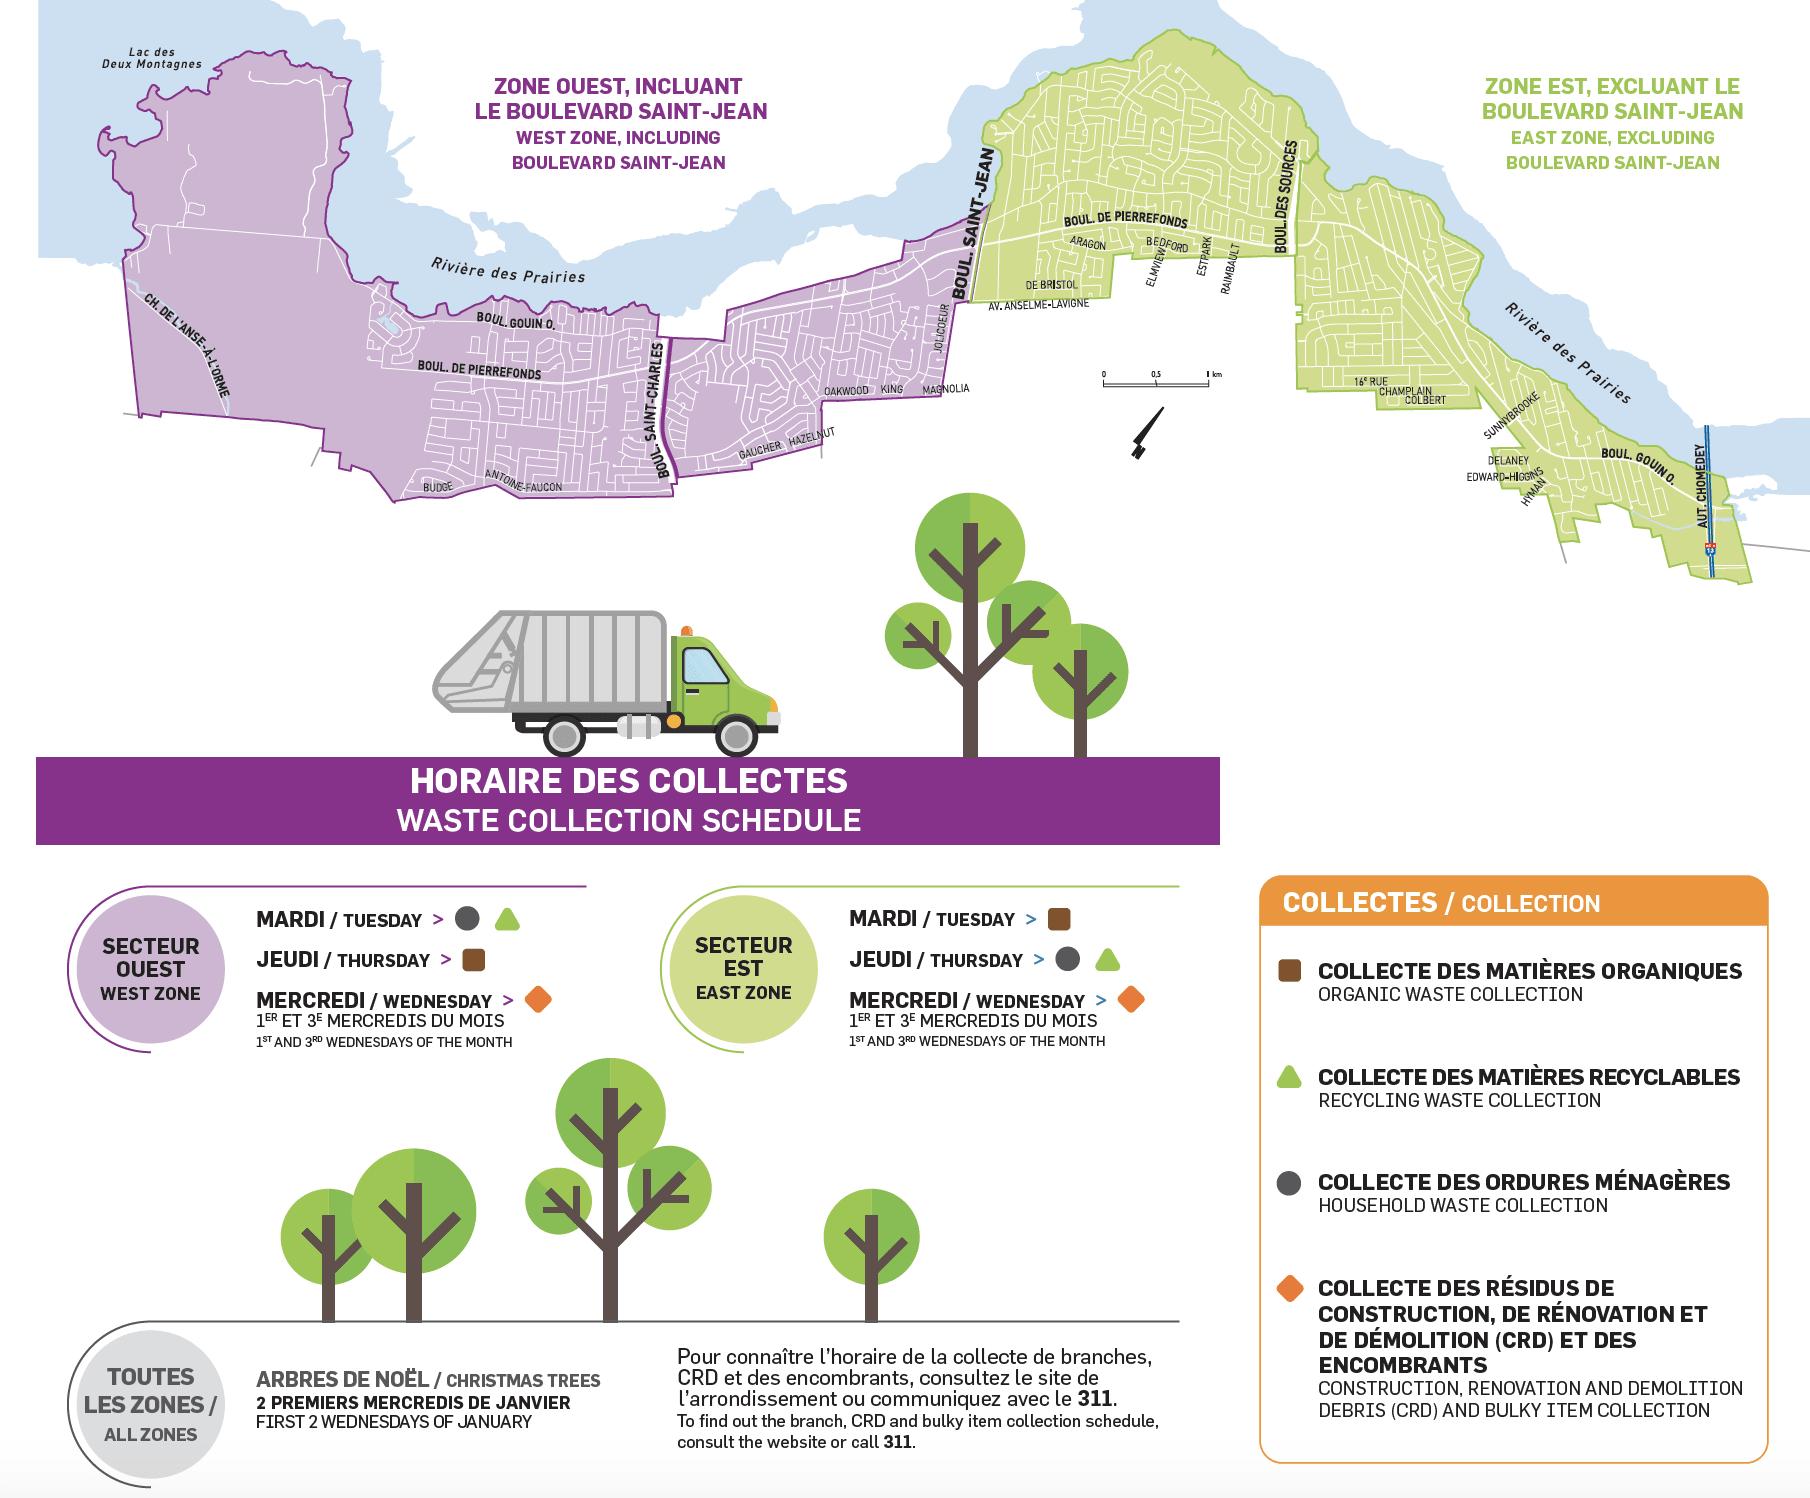 Nouvel horaire - Cartes des collectes (8 logements et moins)